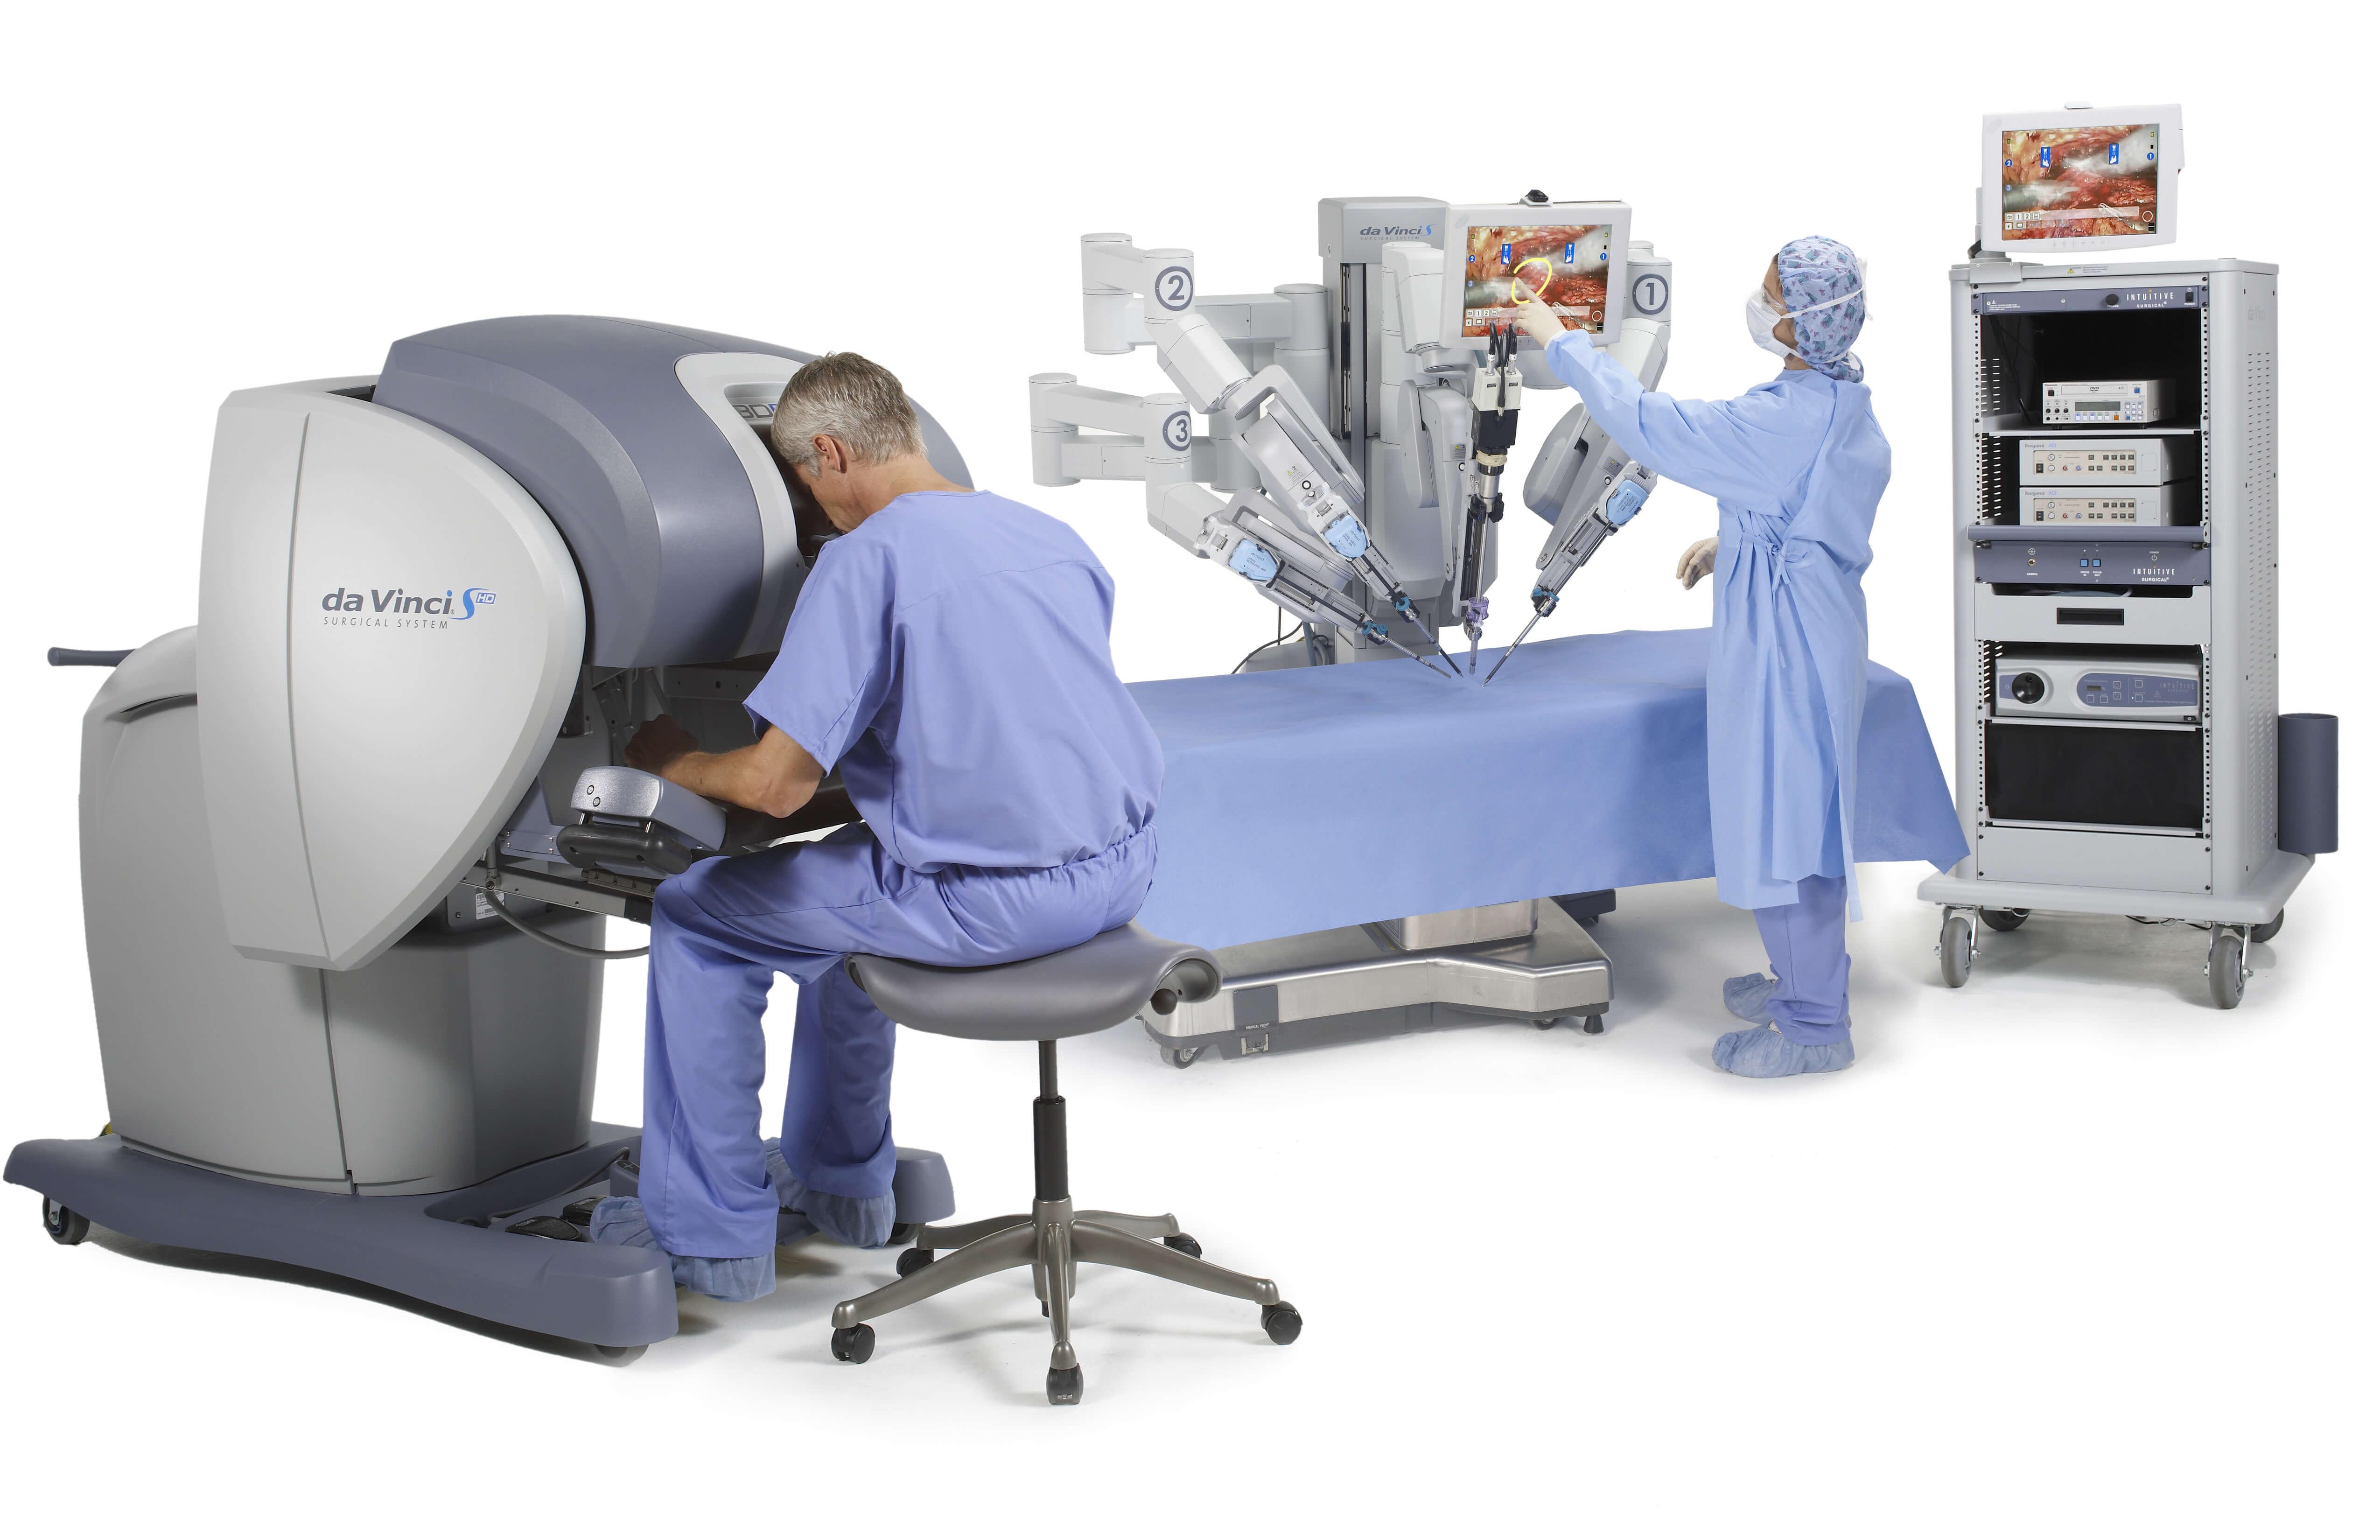 达芬奇手术机器人手术演示图